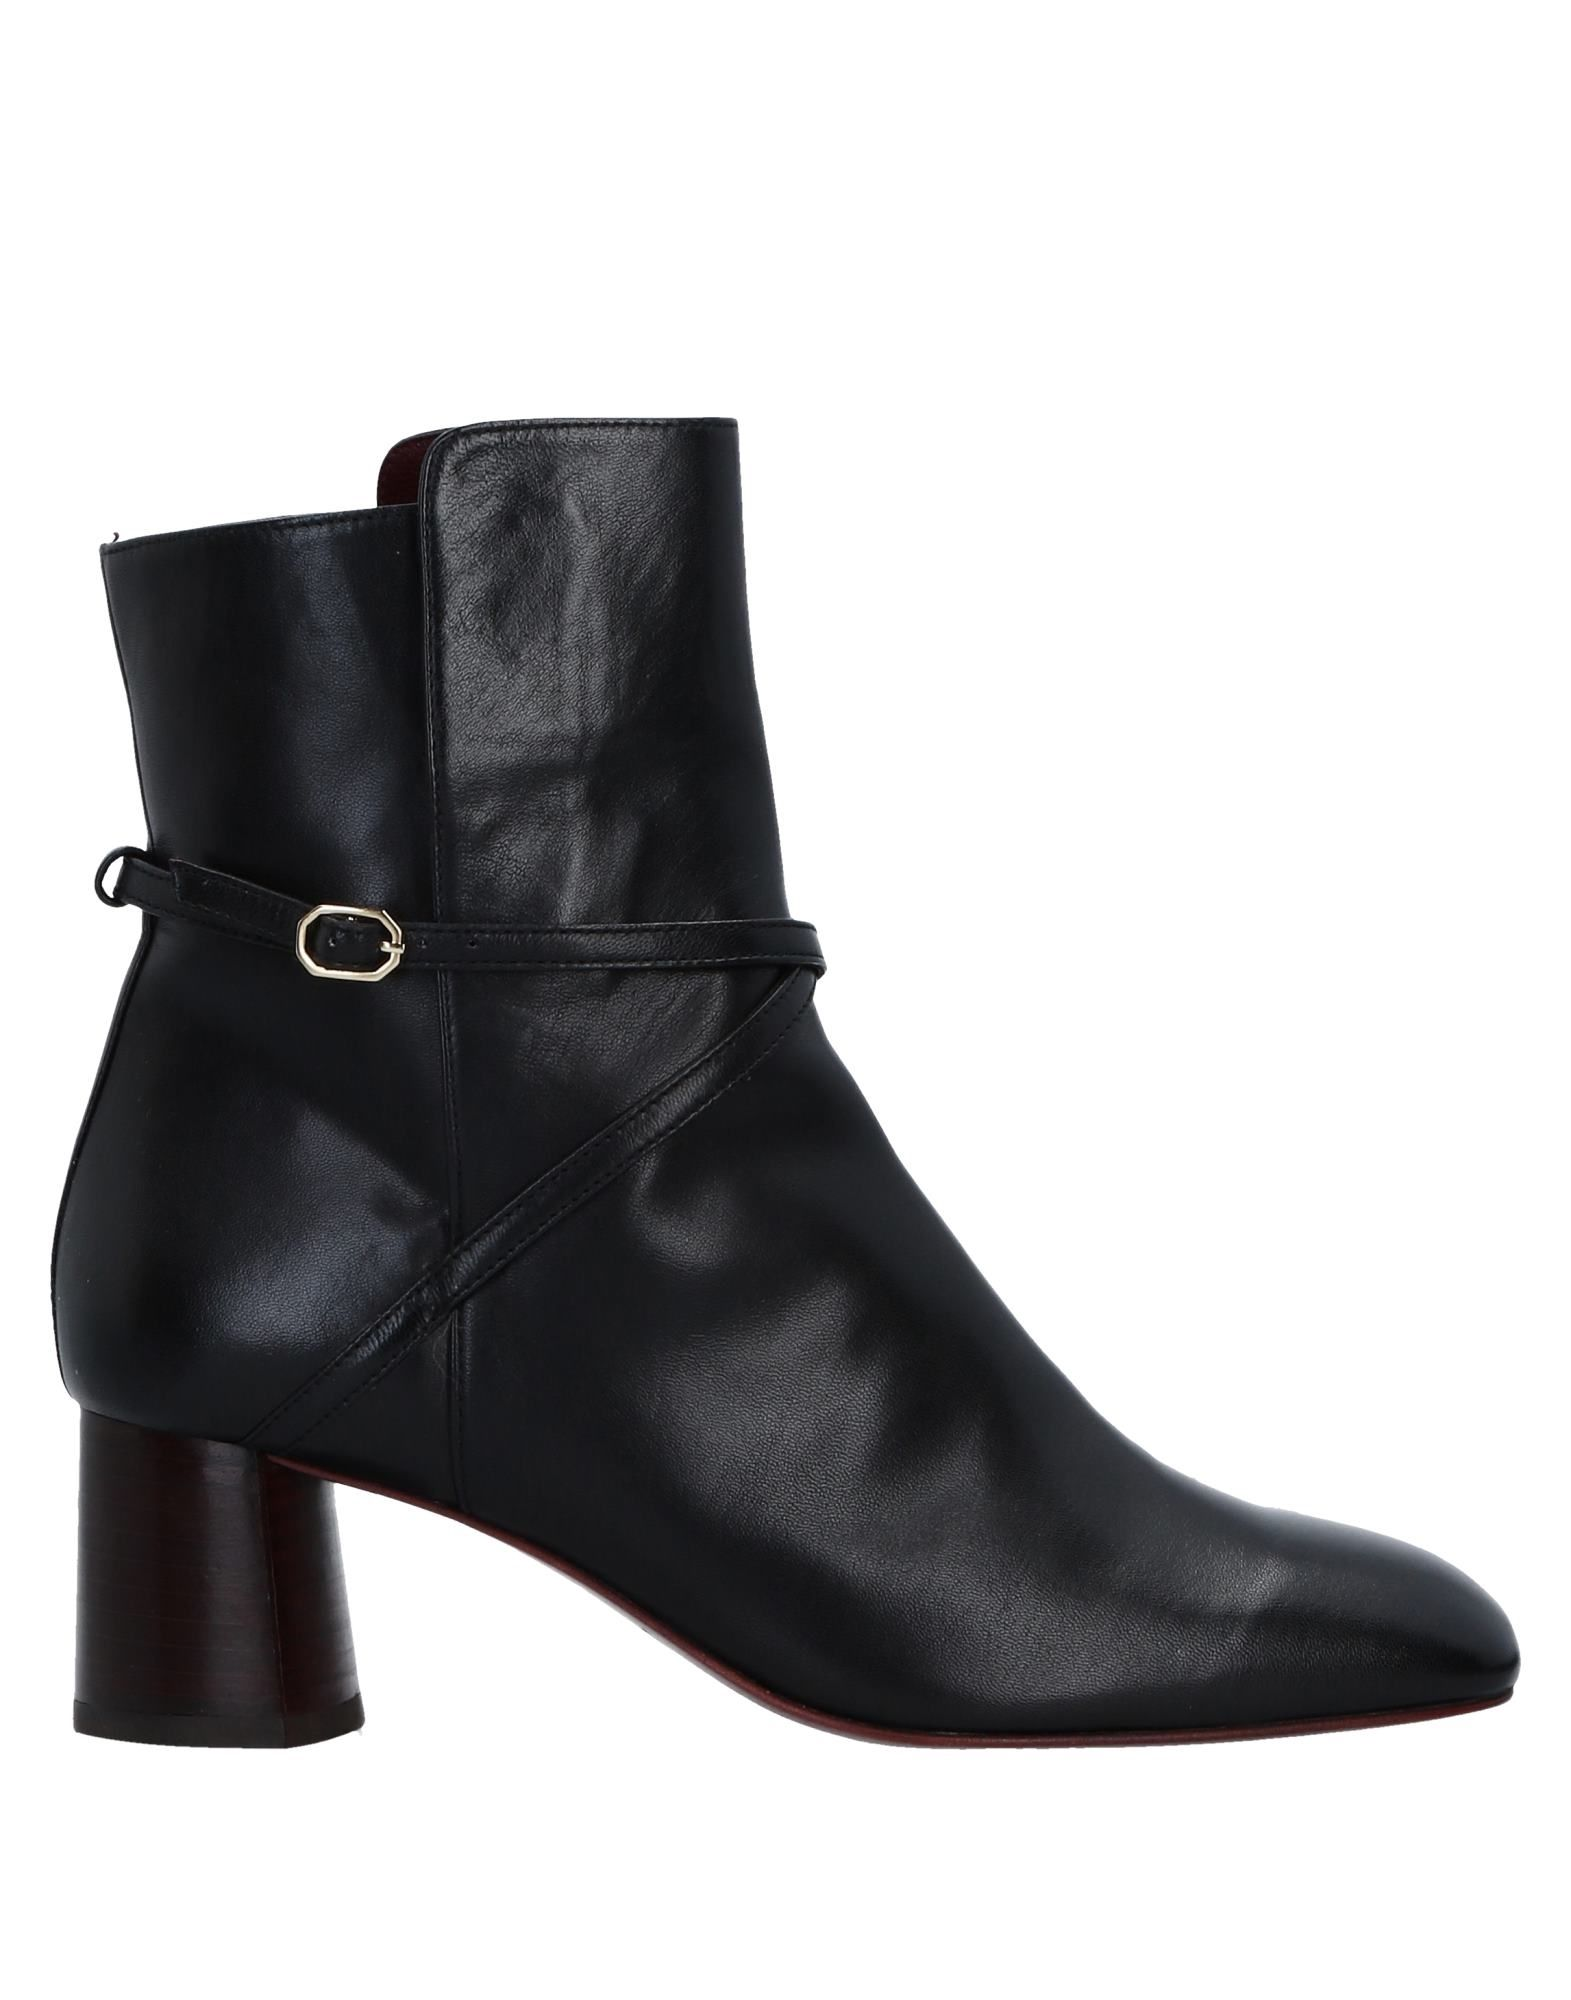 Avril Gau Stiefelette Damen  11539487JOGut aussehende strapazierfähige Schuhe